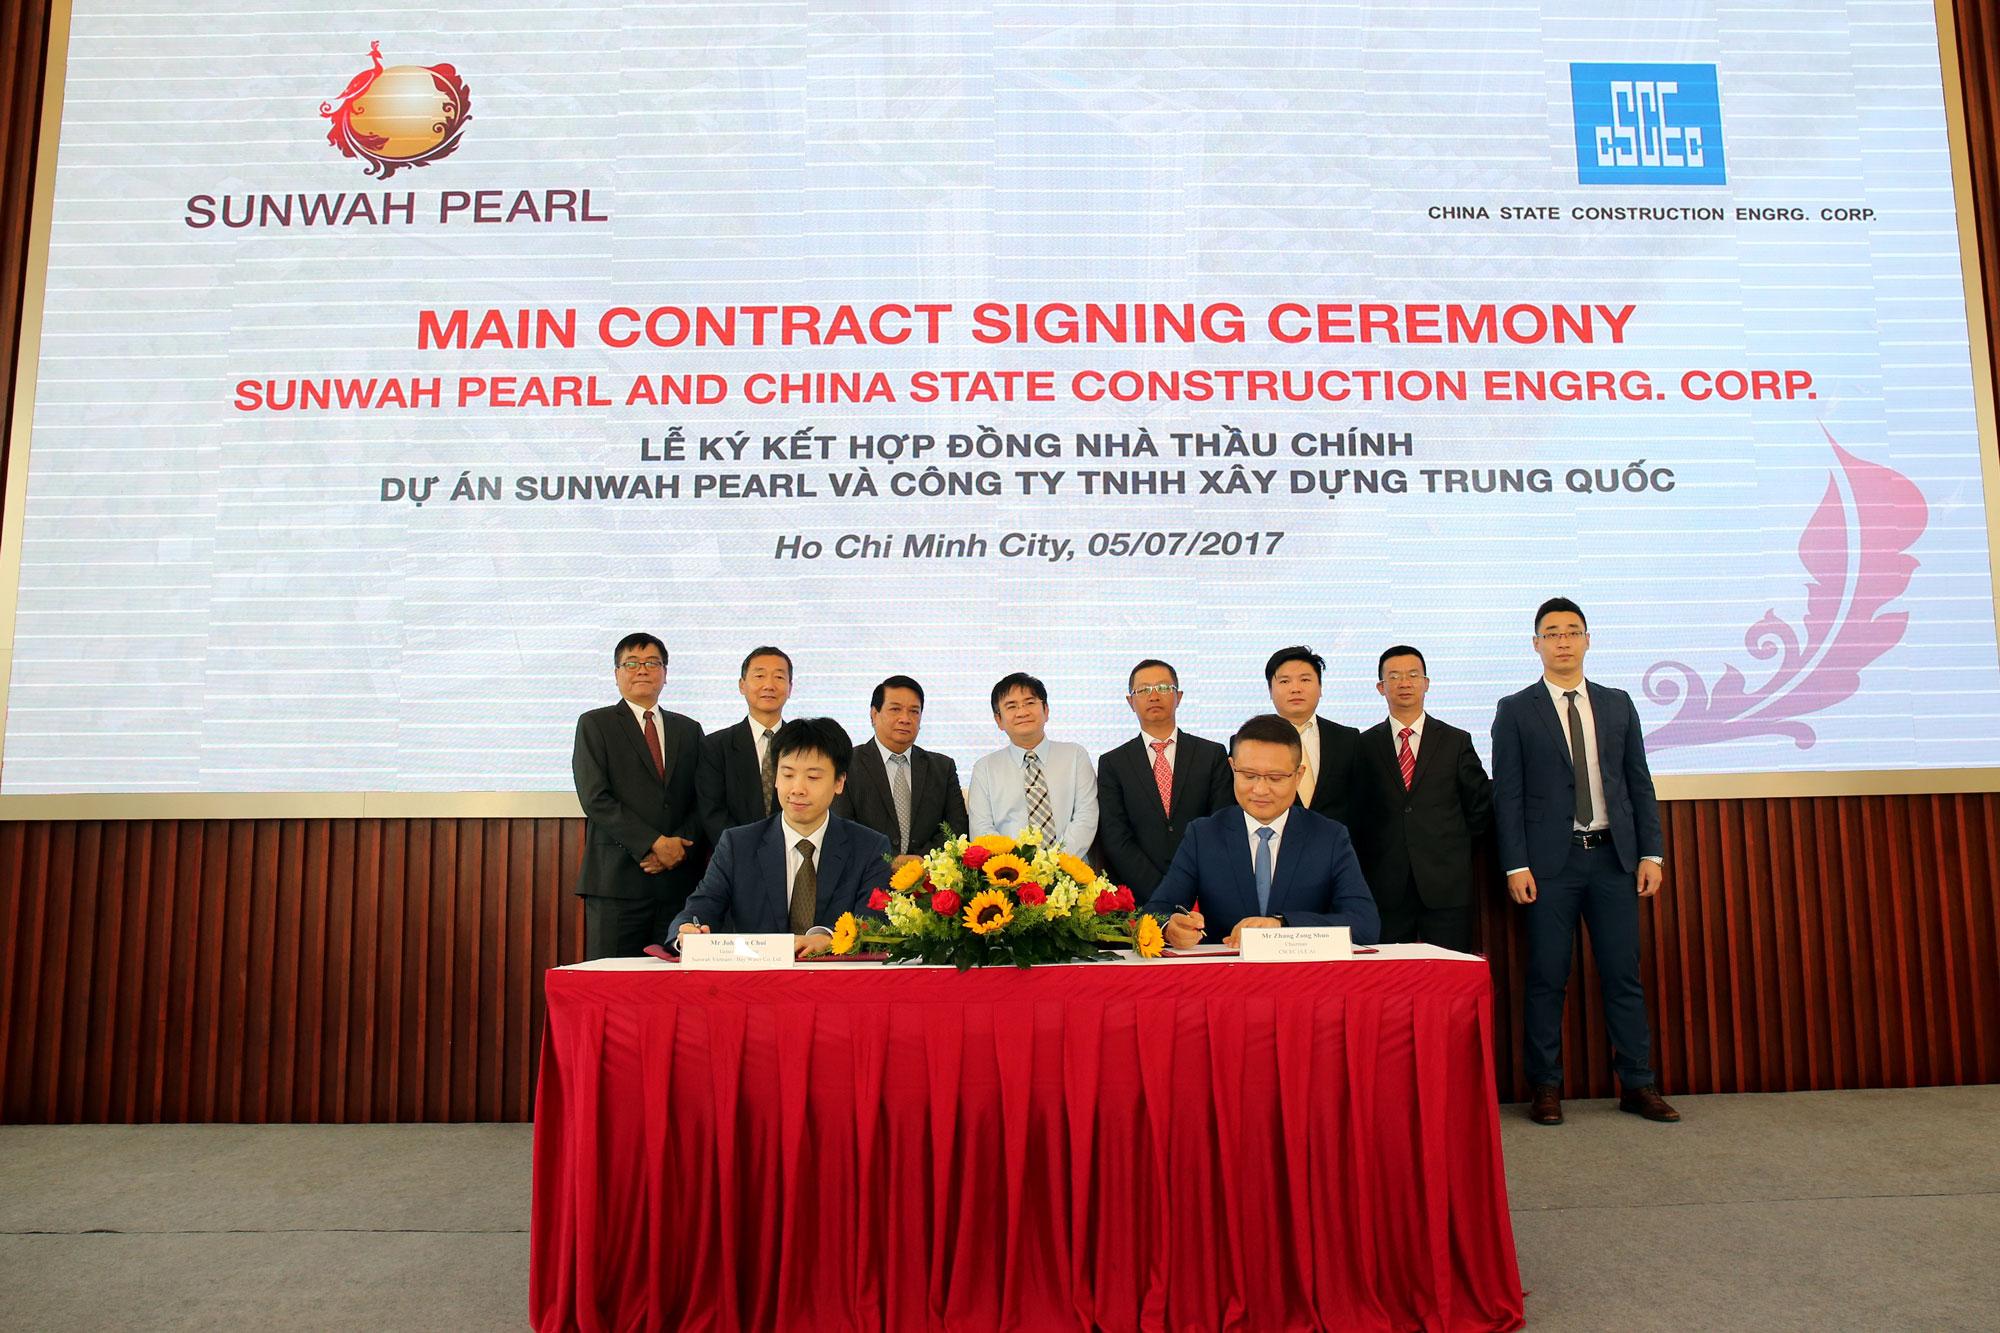 Tập đoàn Sunwah kí kết Hợp đồng Nhà thầu chính cho Dự án Sunwah Pearl với Công ty TNHH Xây dựng Trung Quốc (CSCEC)